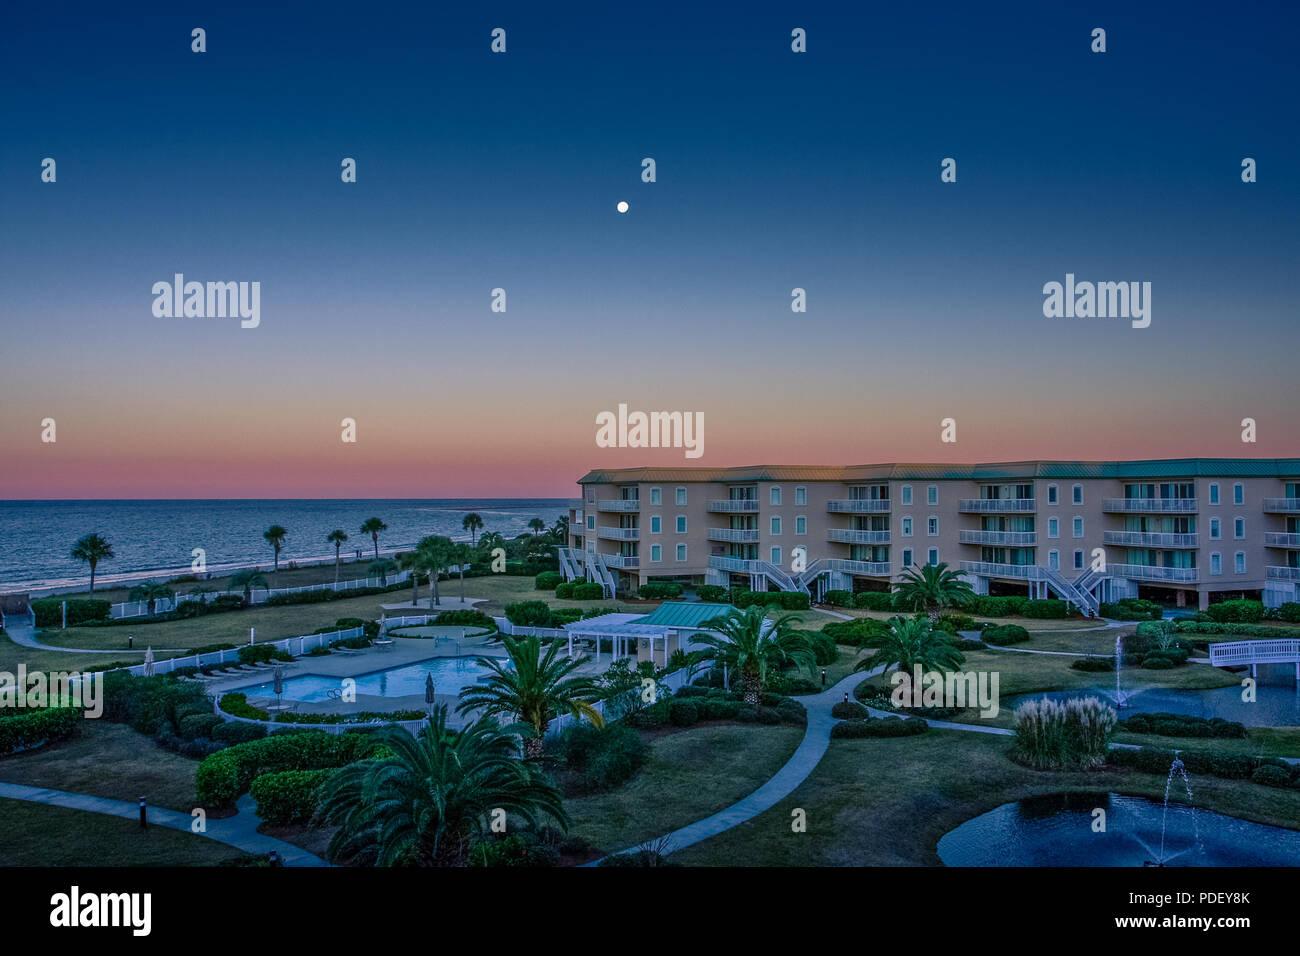 Une pleine lune dans un ciel clair crépuscule sur beach condos Banque D'Images